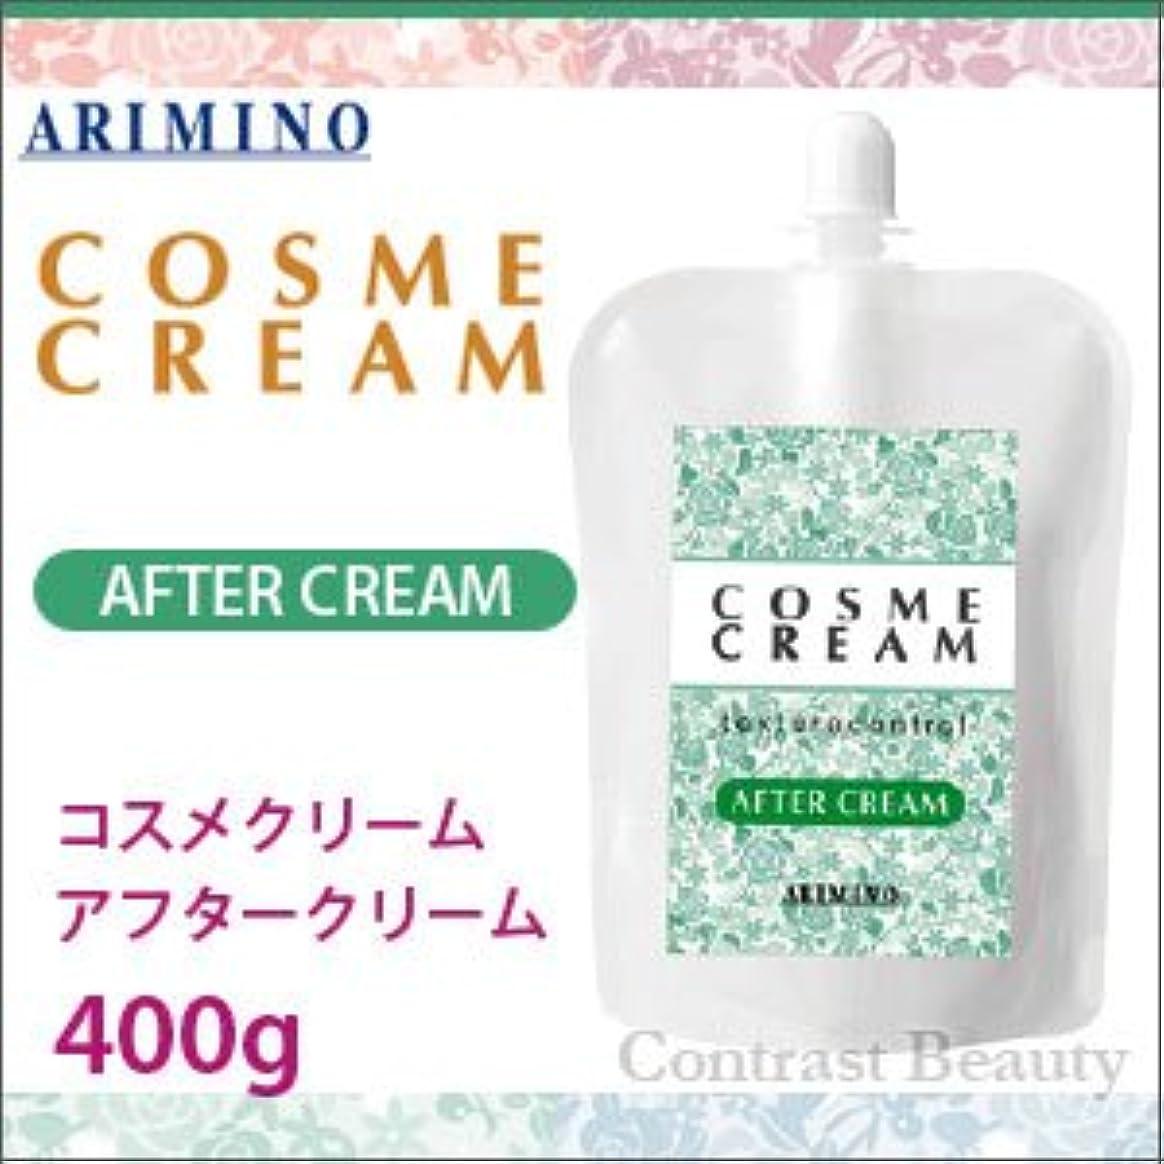 マウスピース掻く恒久的【X5個セット】 アリミノ コスメクリーム アフタークリーム 400g